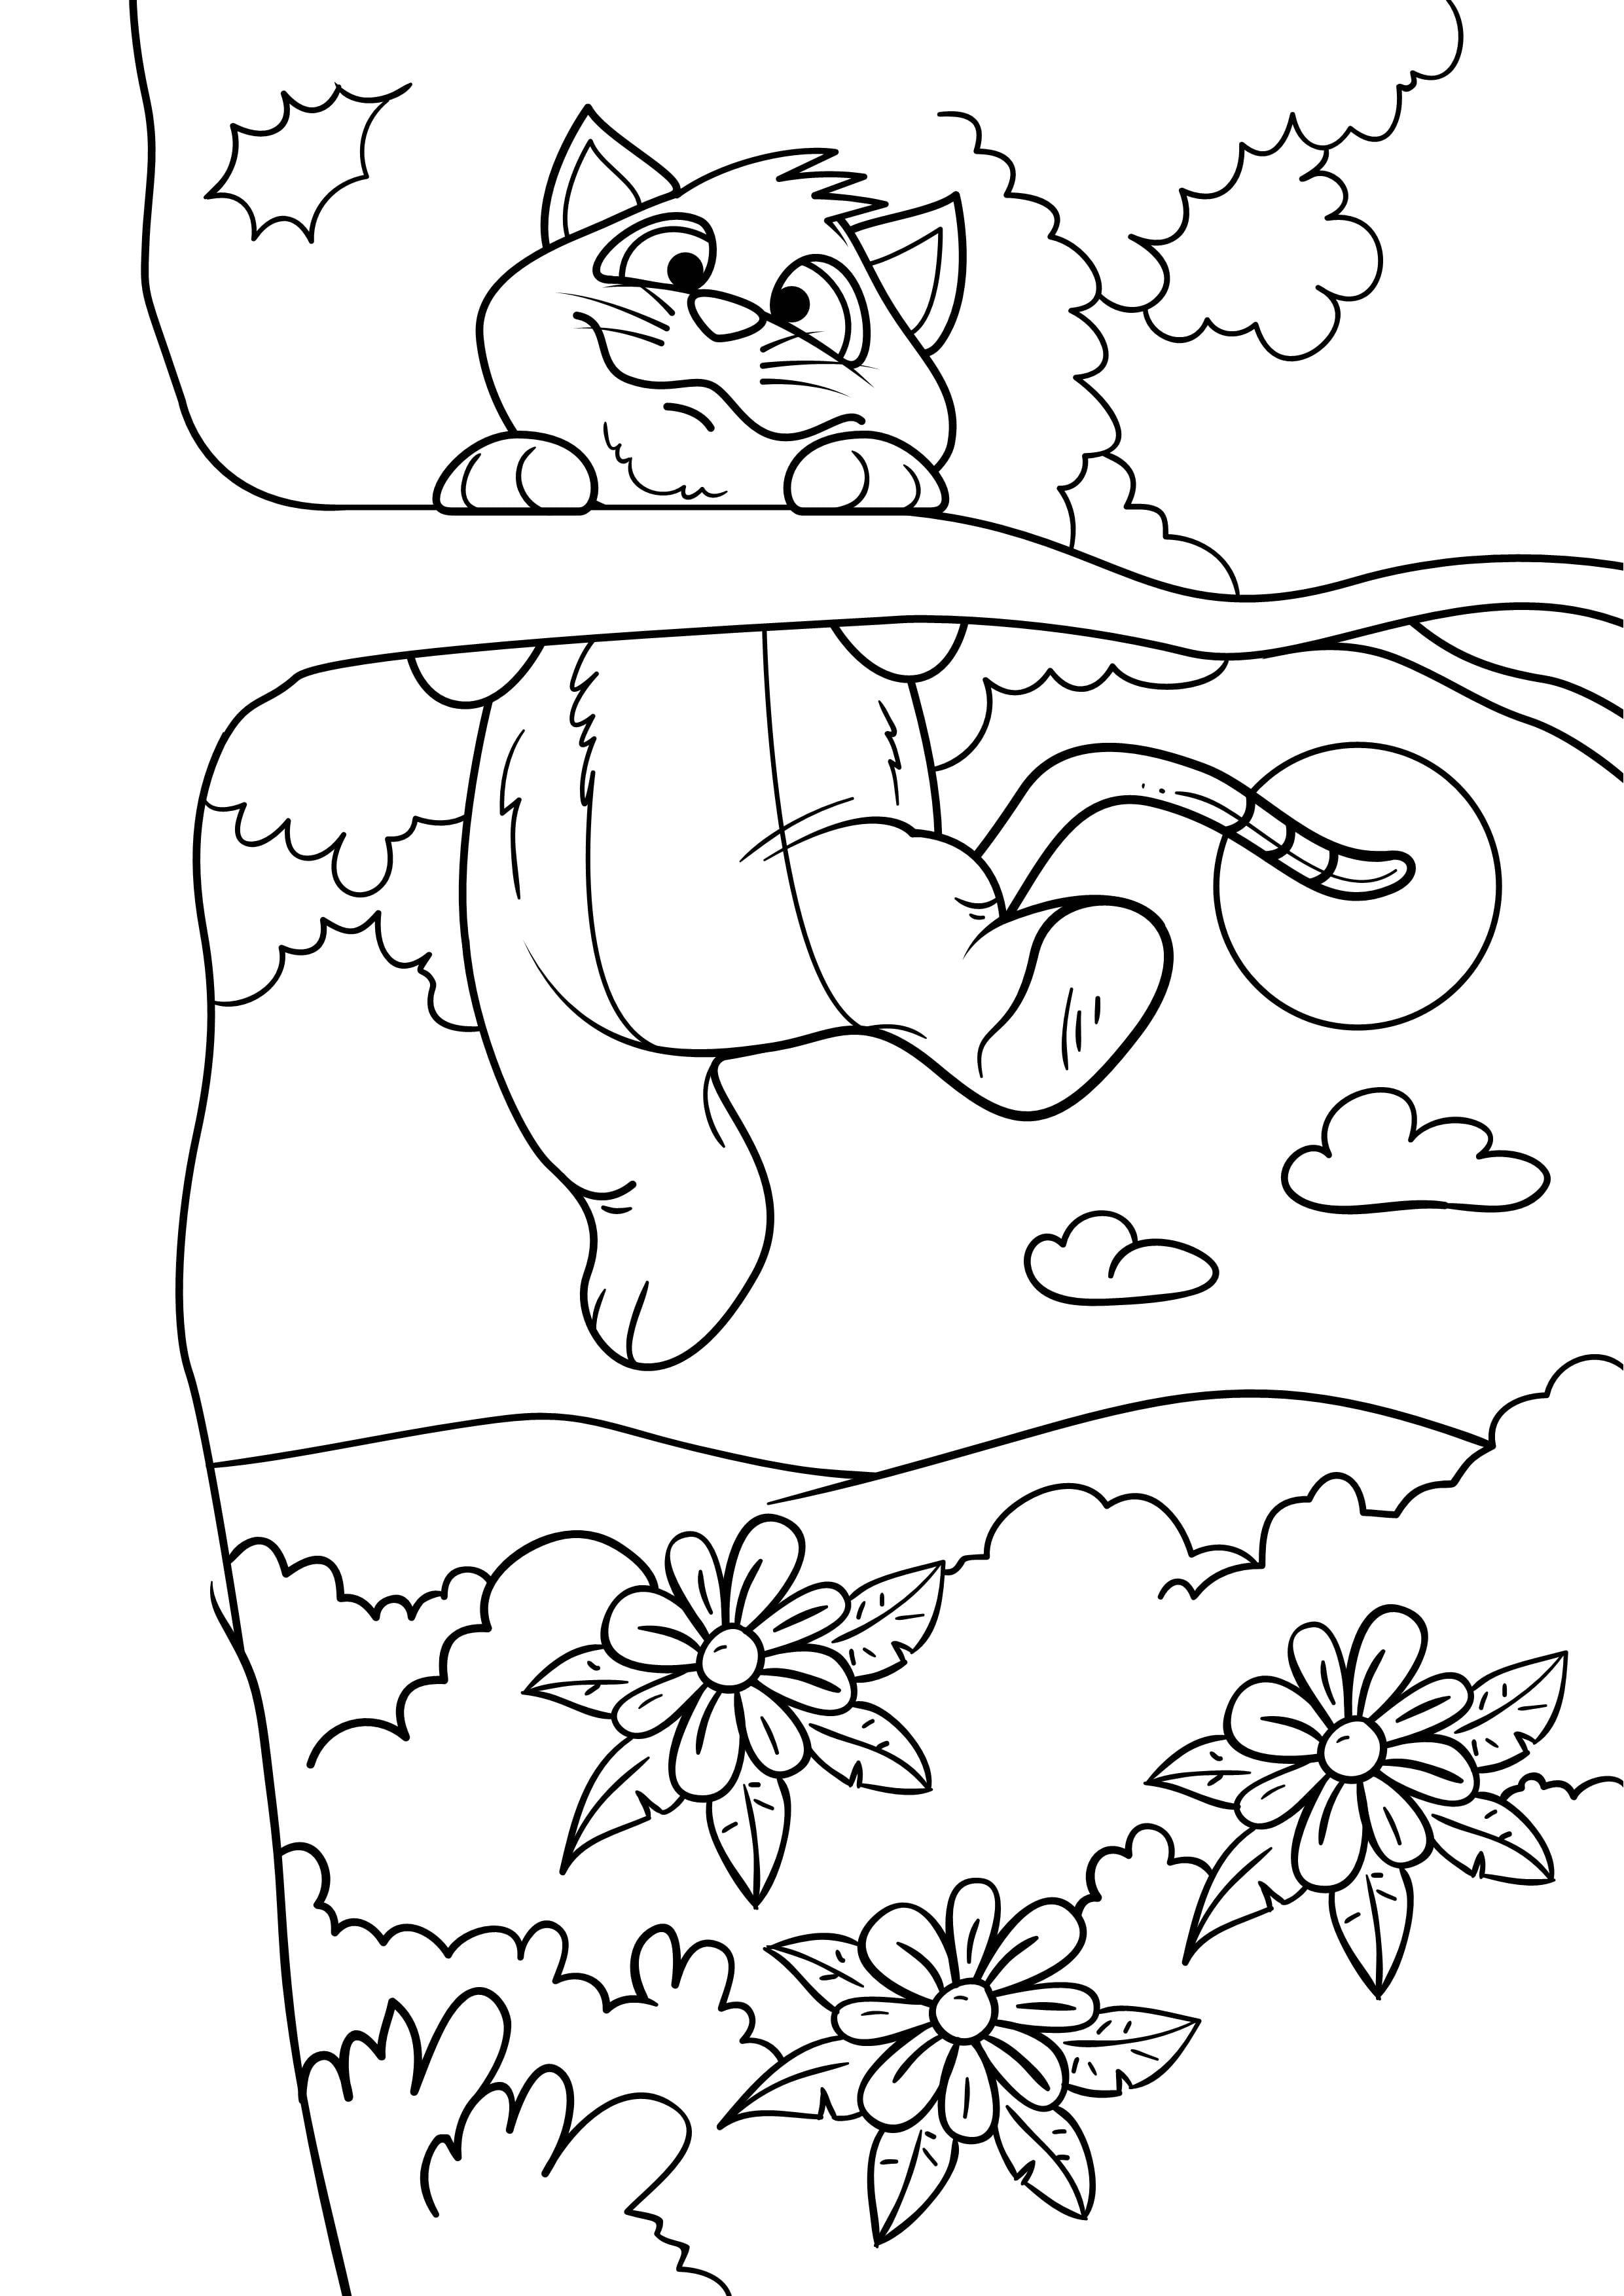 для девочек онлайн бесплатно раскраска кошки - Рисовака